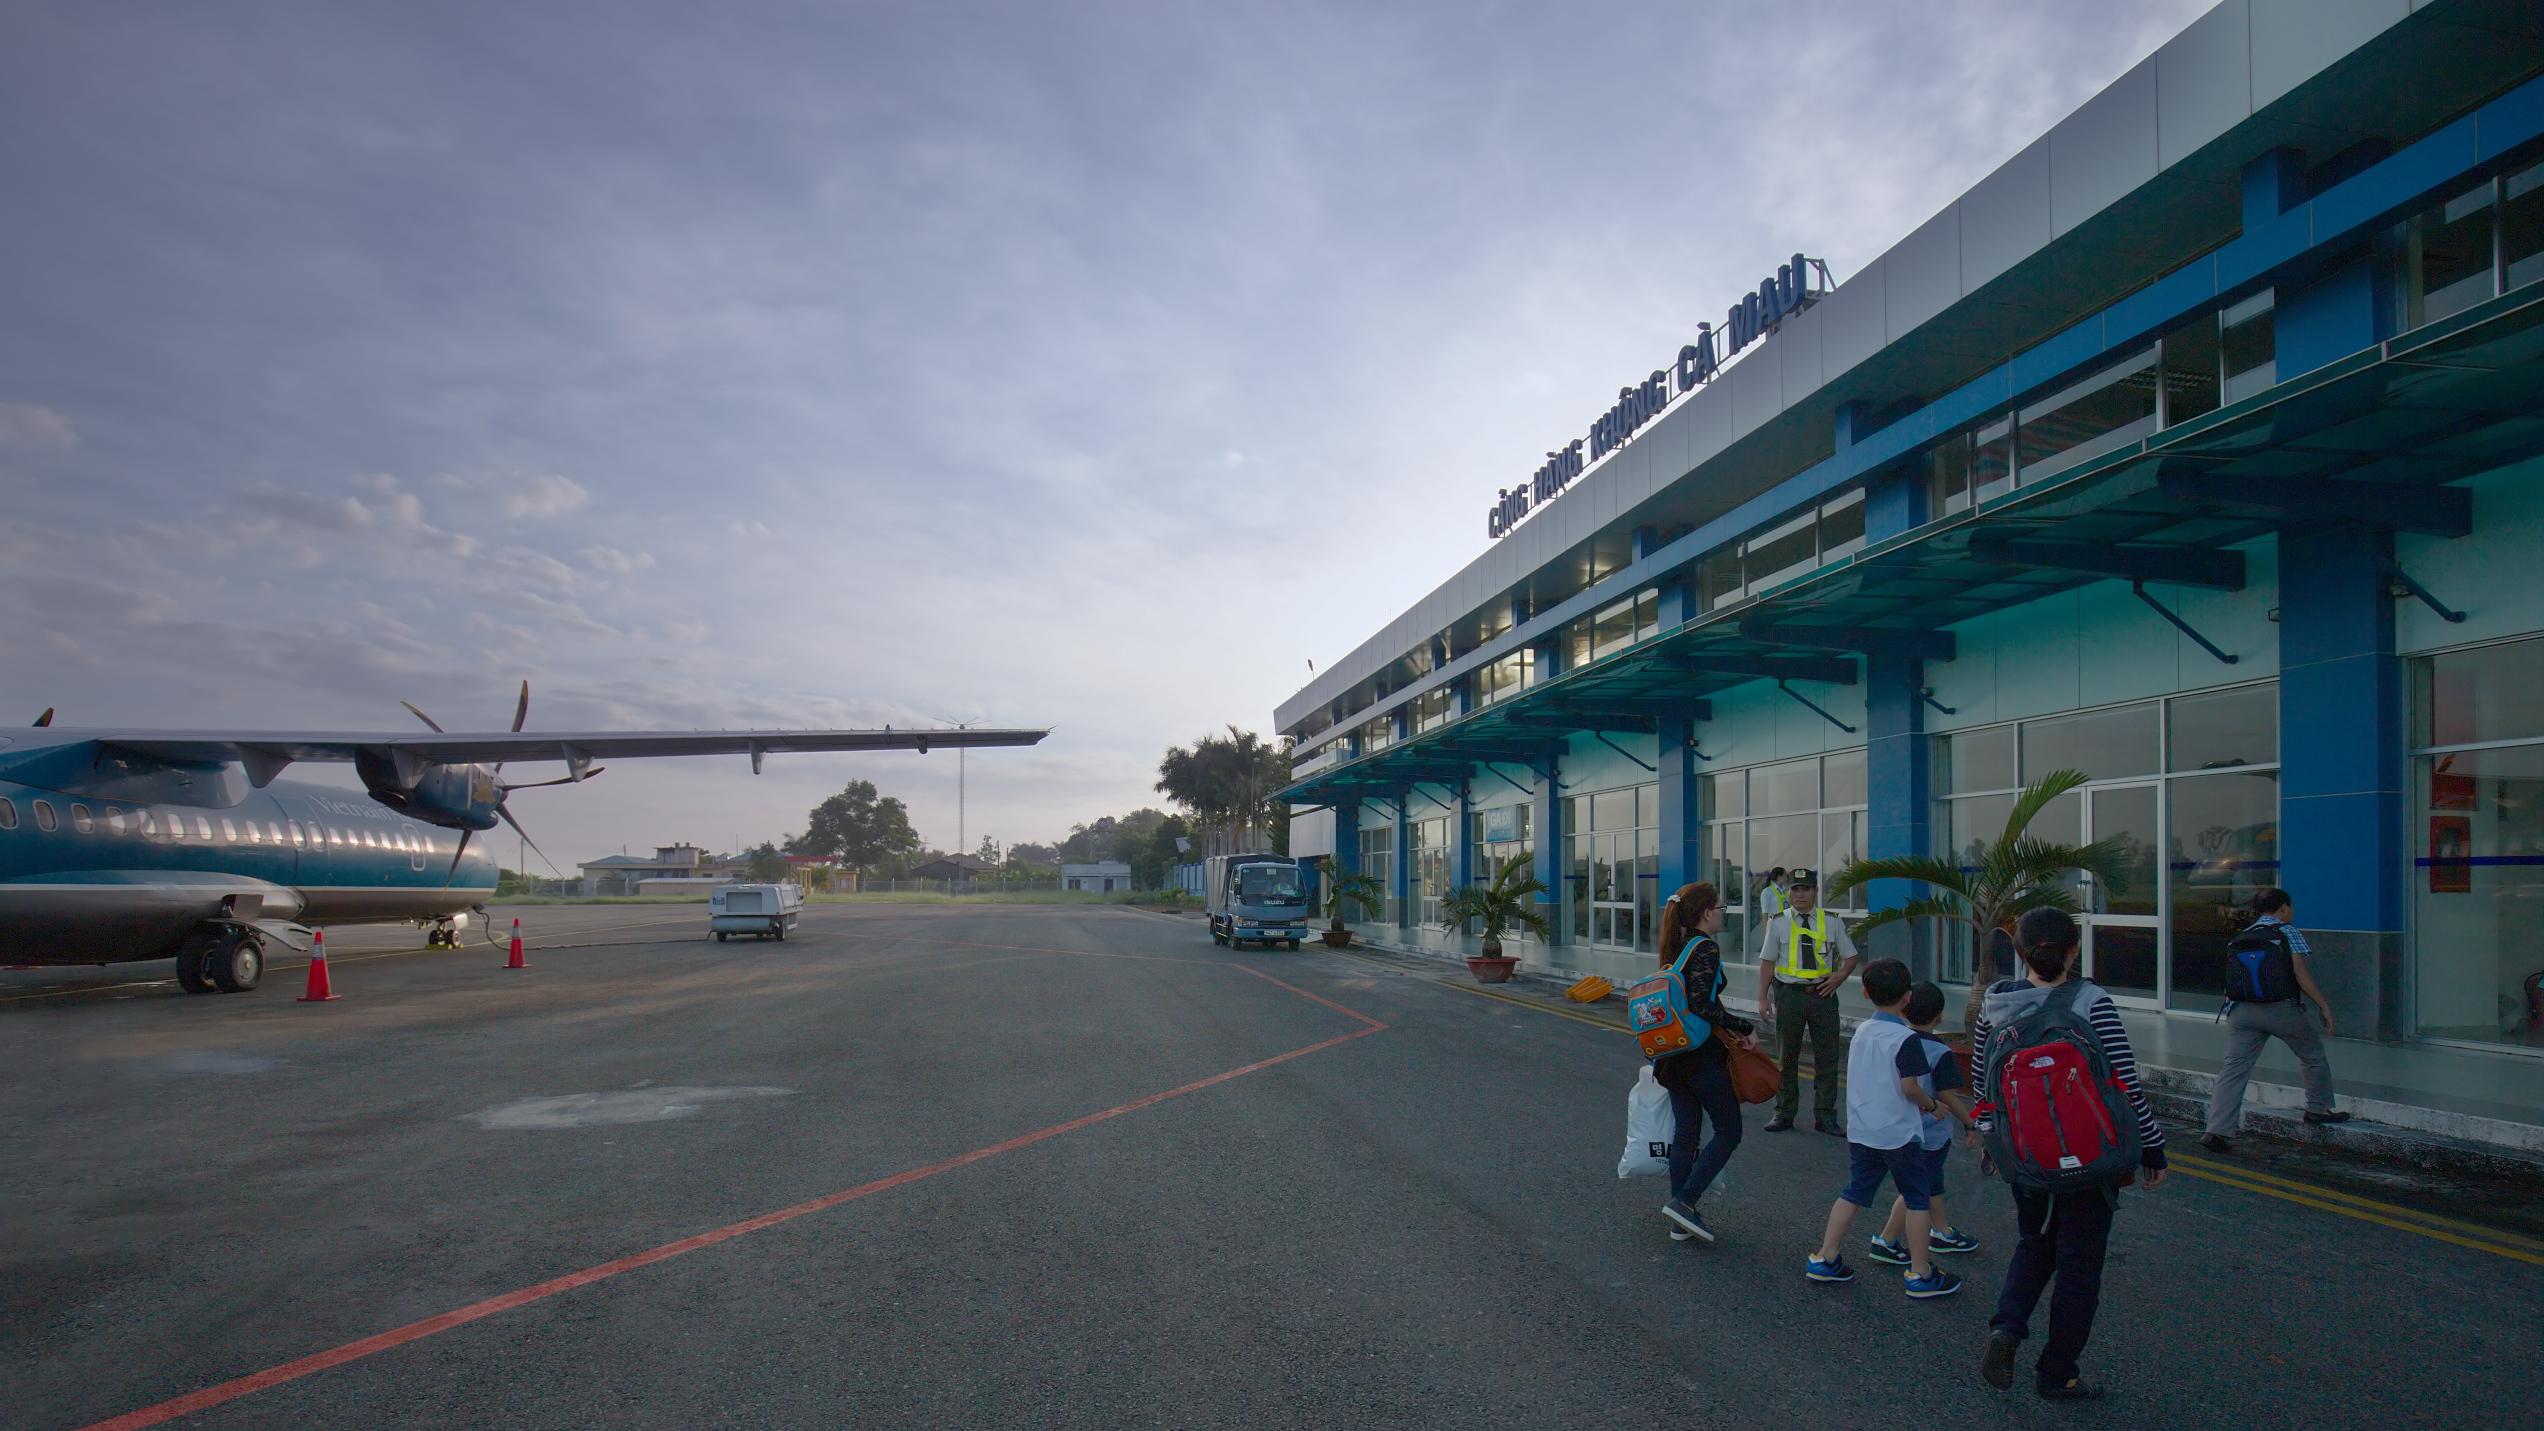 Aeroporto de Cà Mau